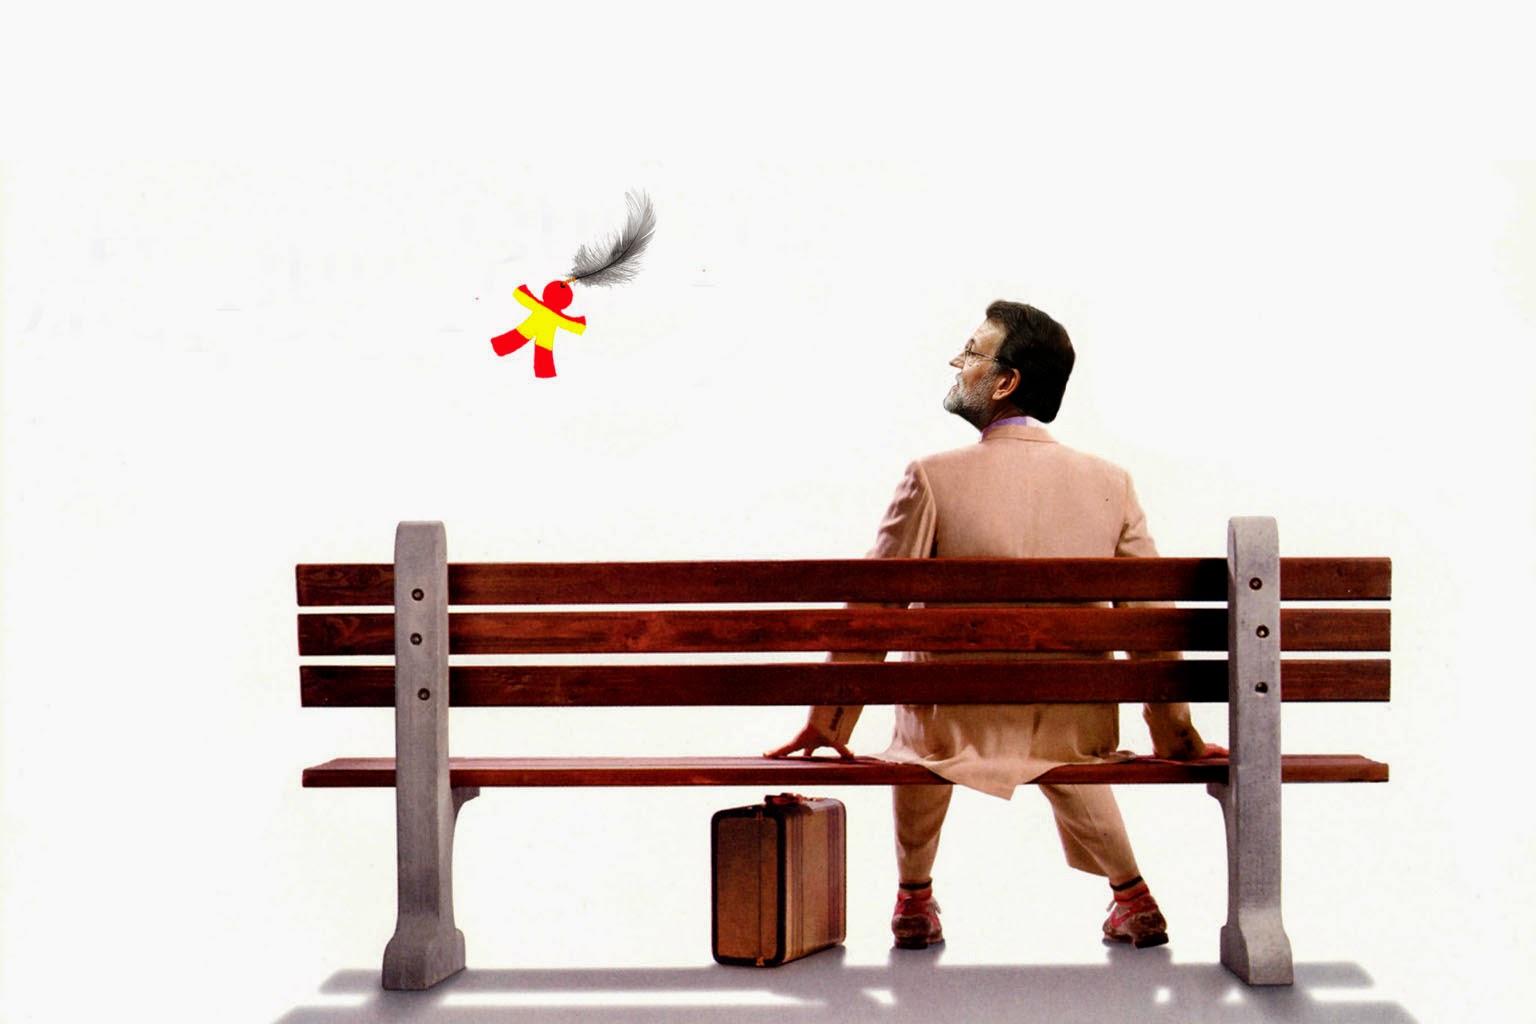 Rajoy en el banco esperando a Jenny